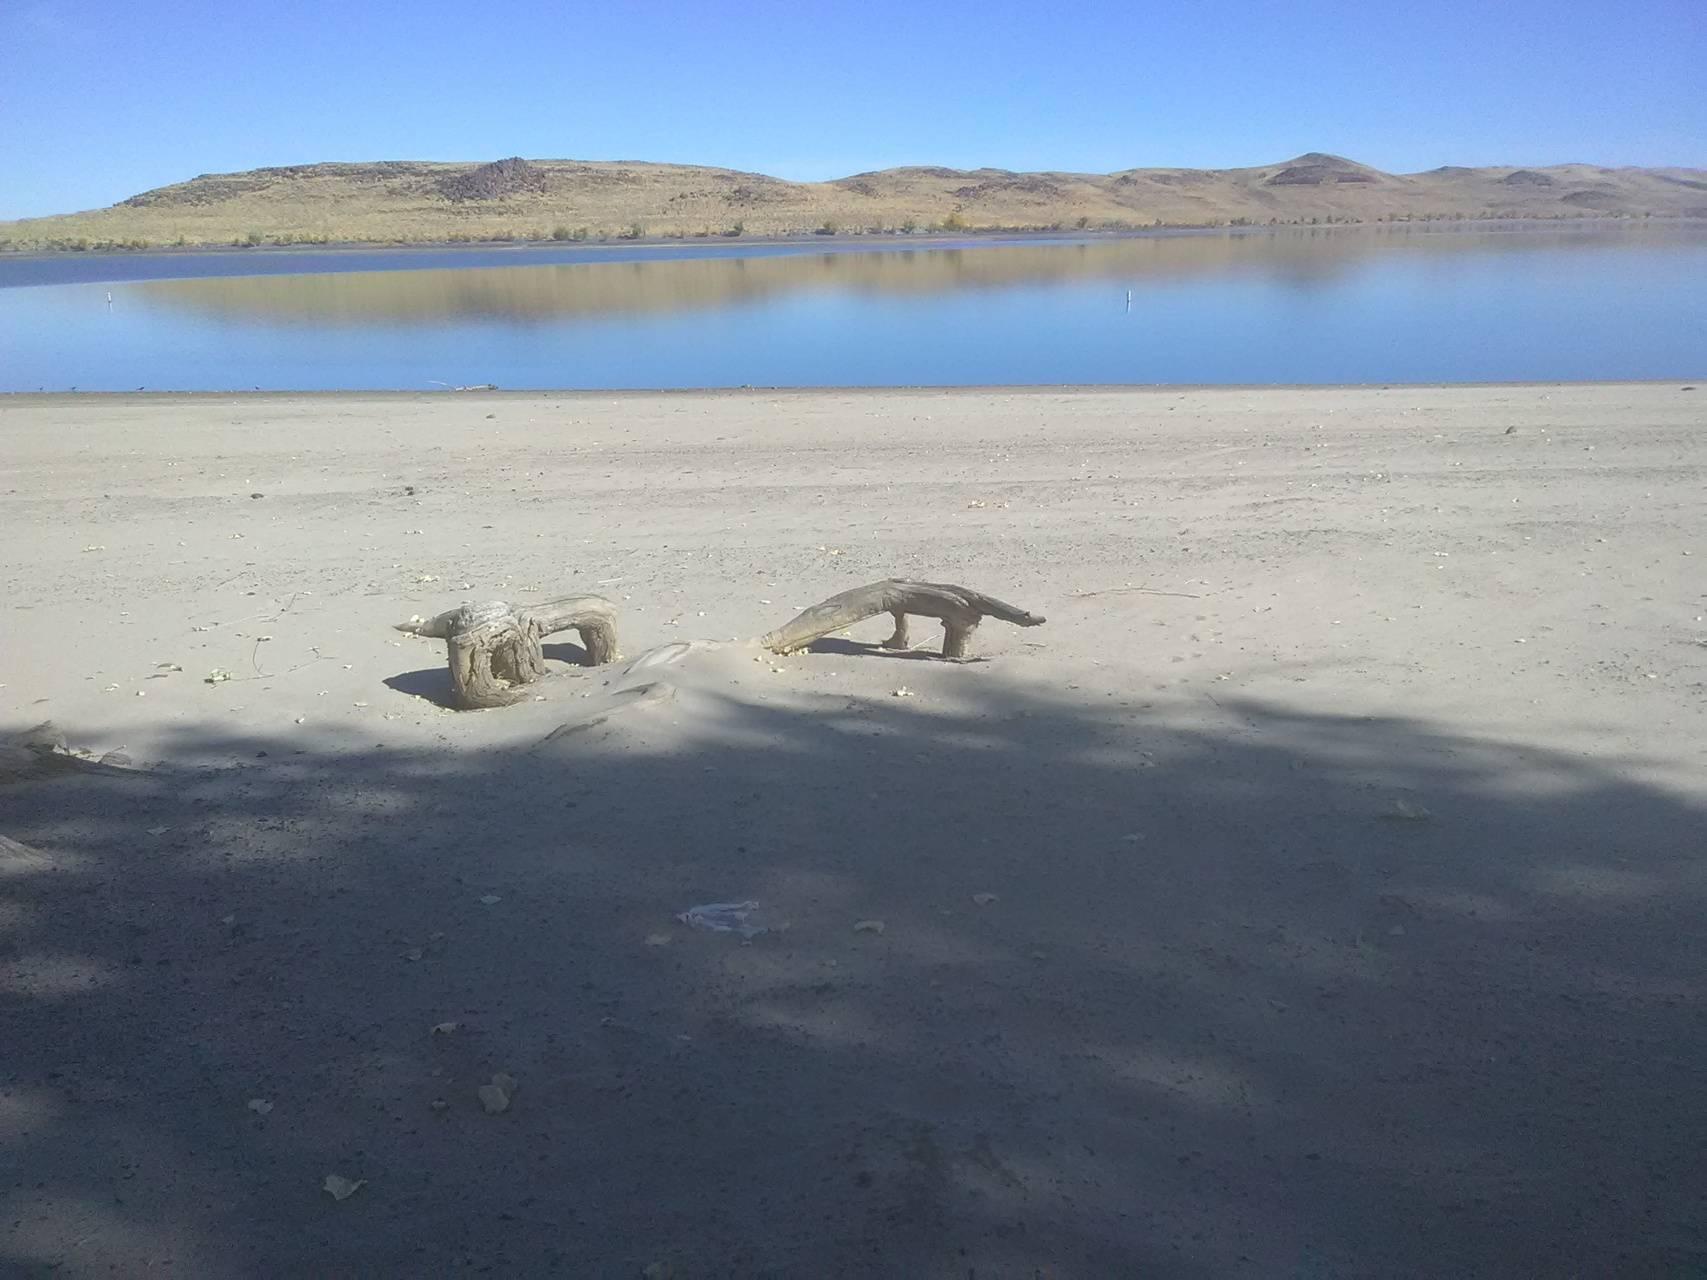 Dinos on the beach